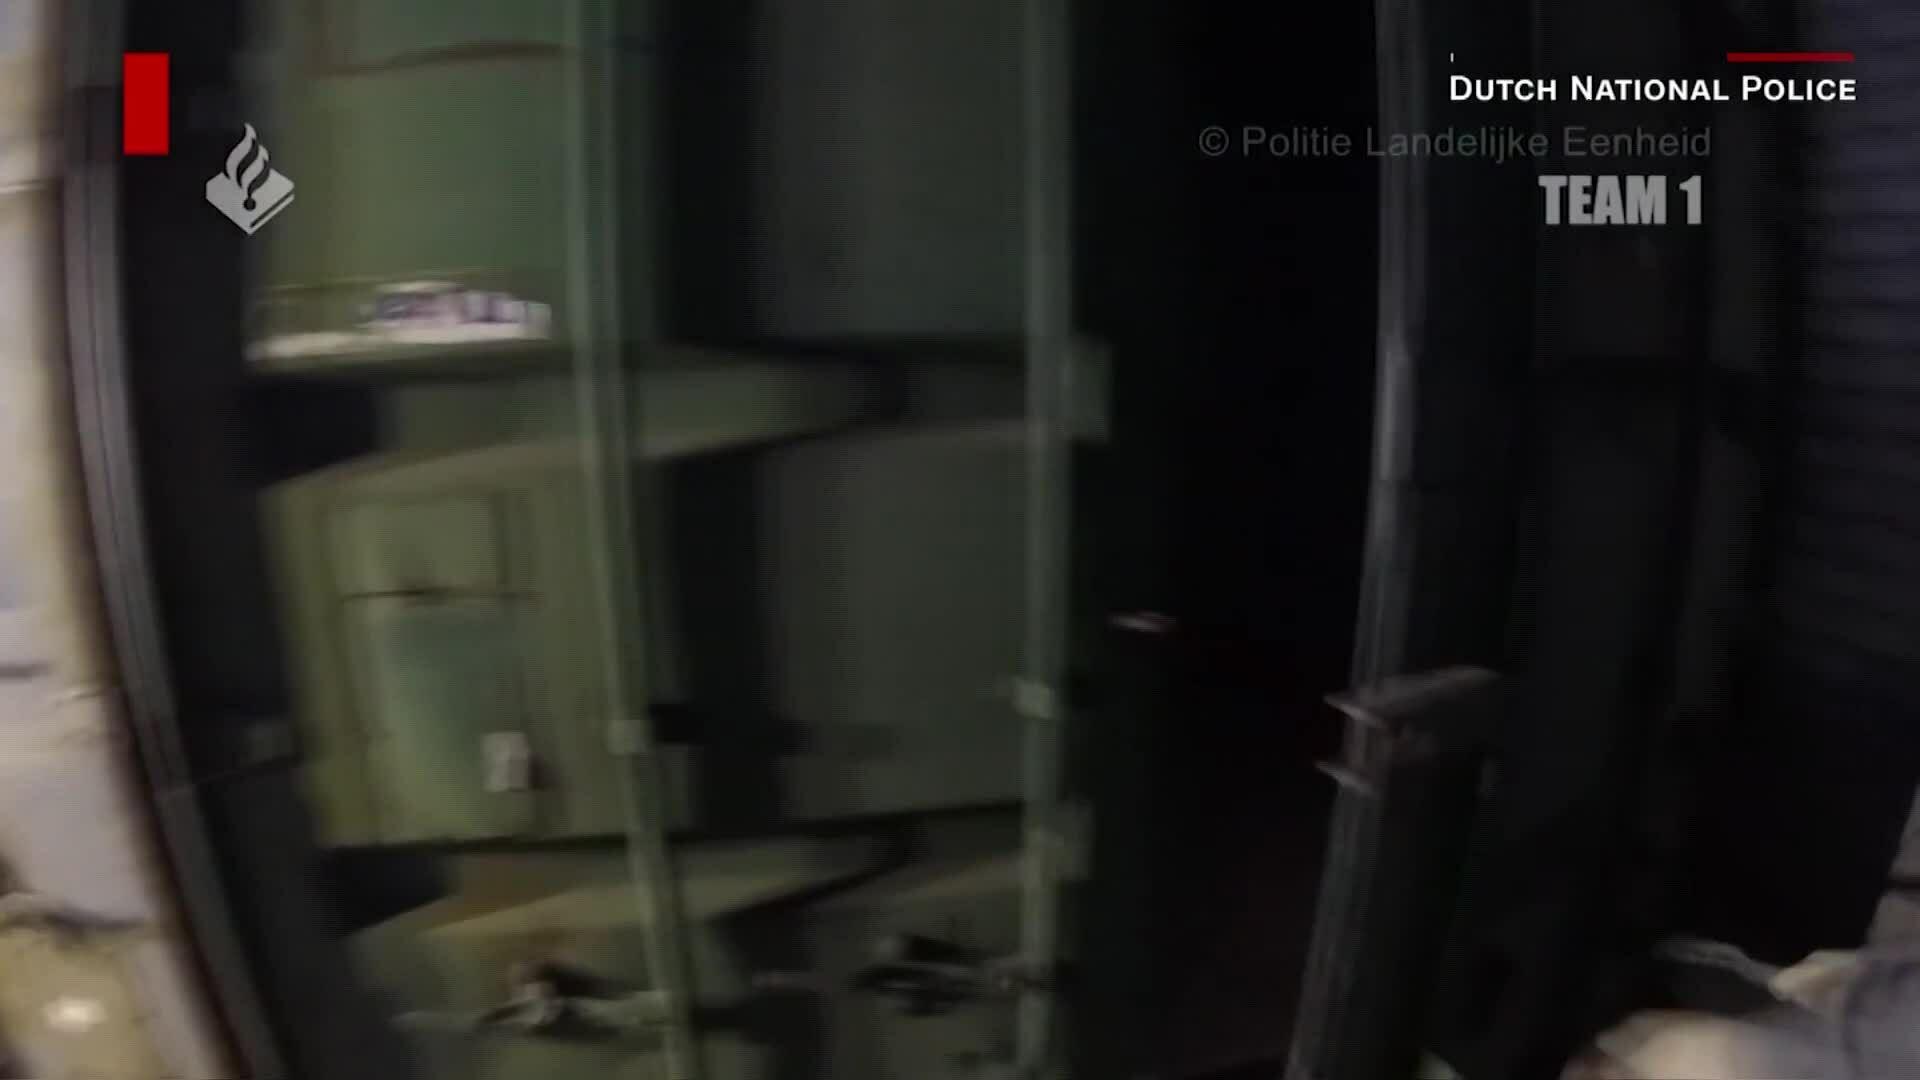 Phát hiện phòng tra tấn bí mật trong container